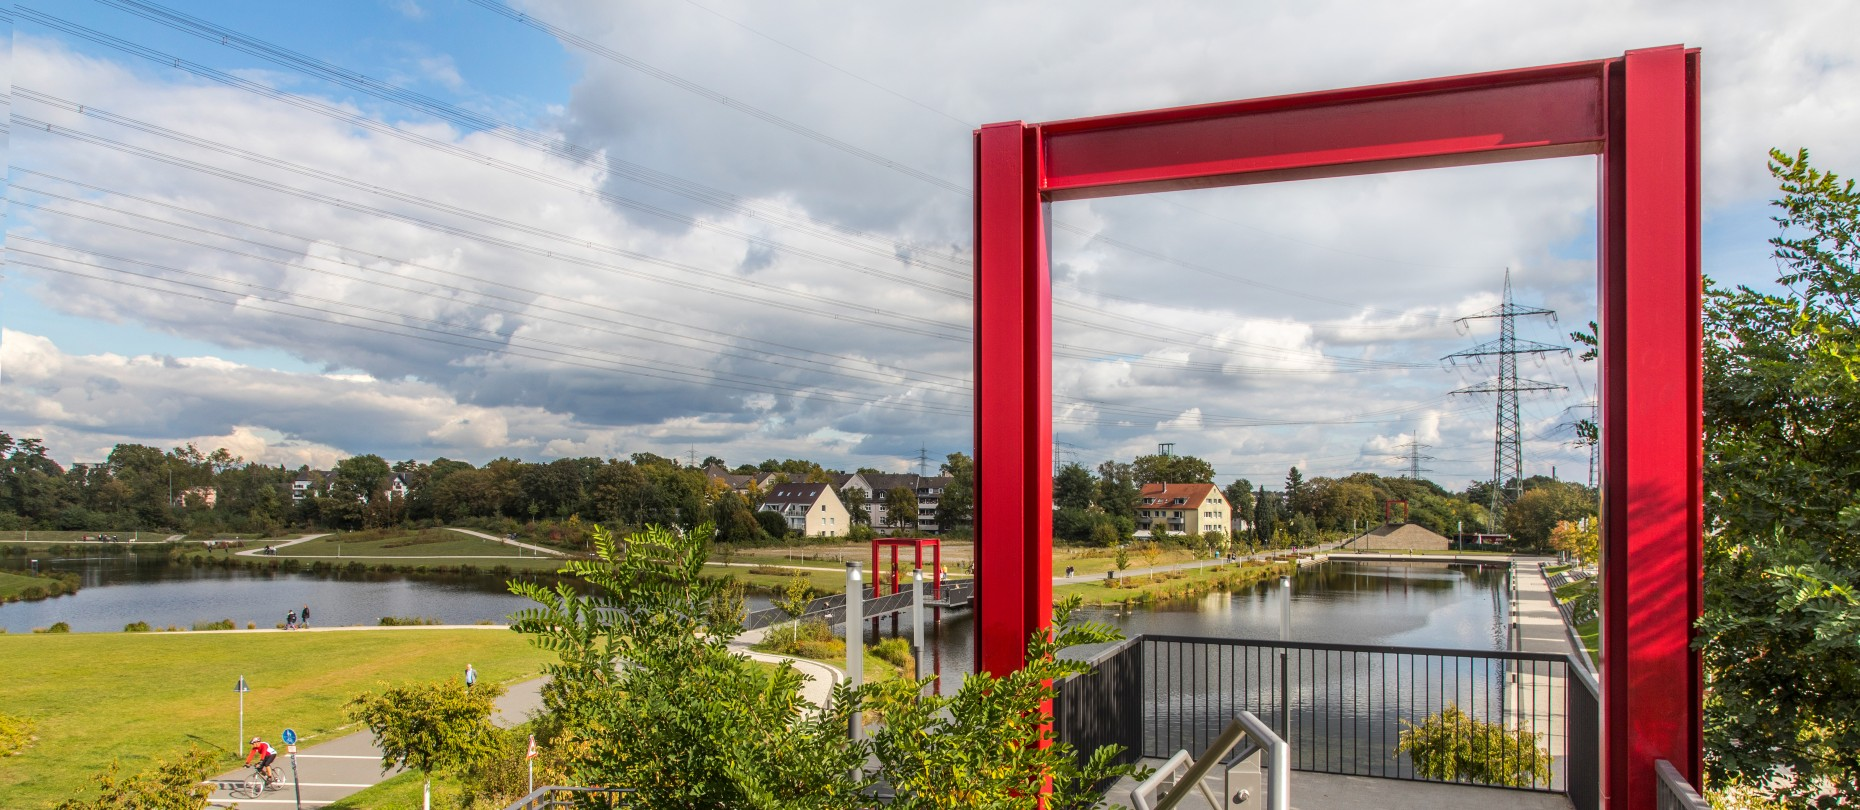 Ein Roter Torbogen am Niederfeldsee